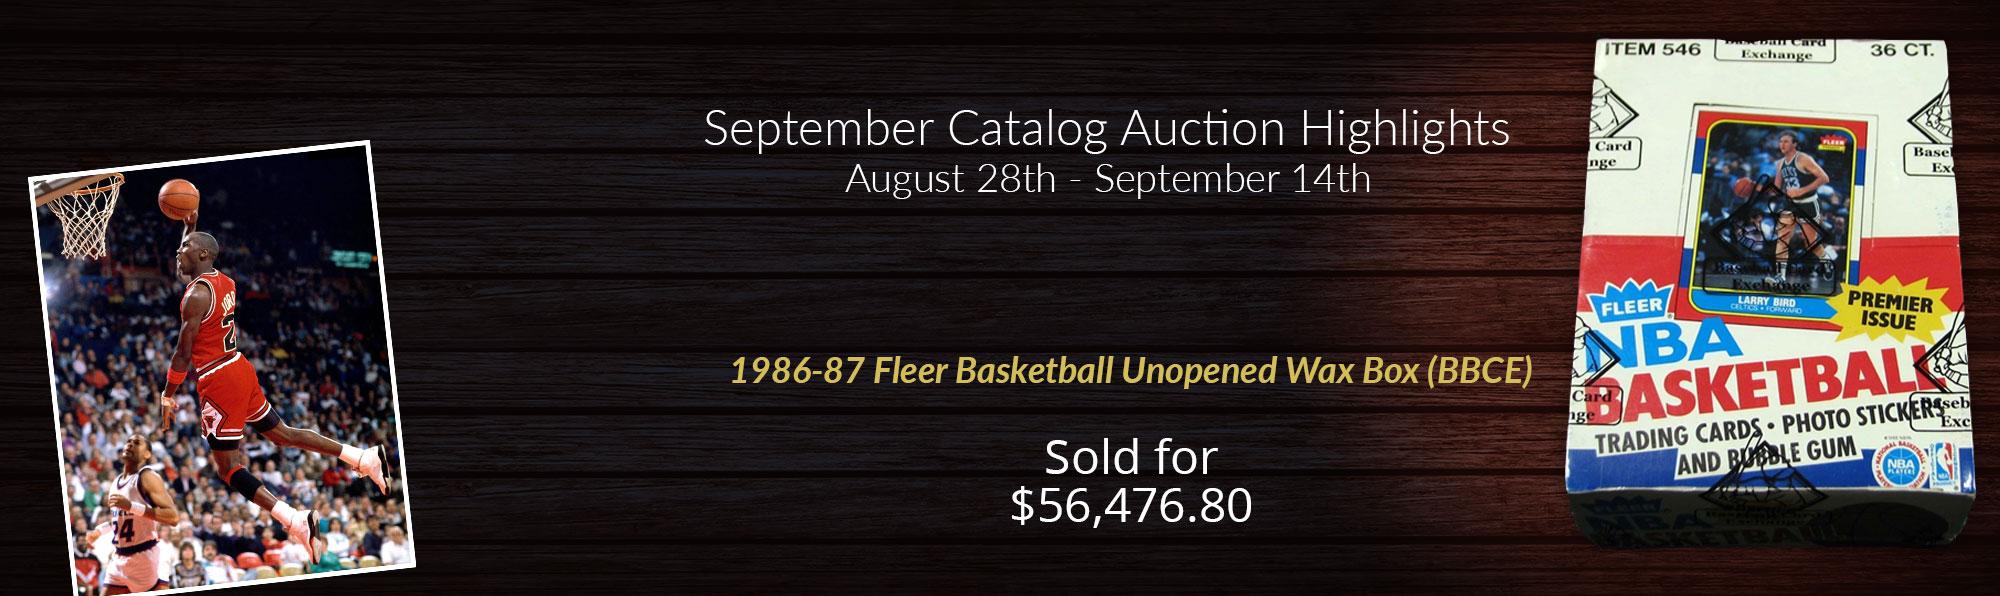 1986-87 Fleer Unopened Basketball Box